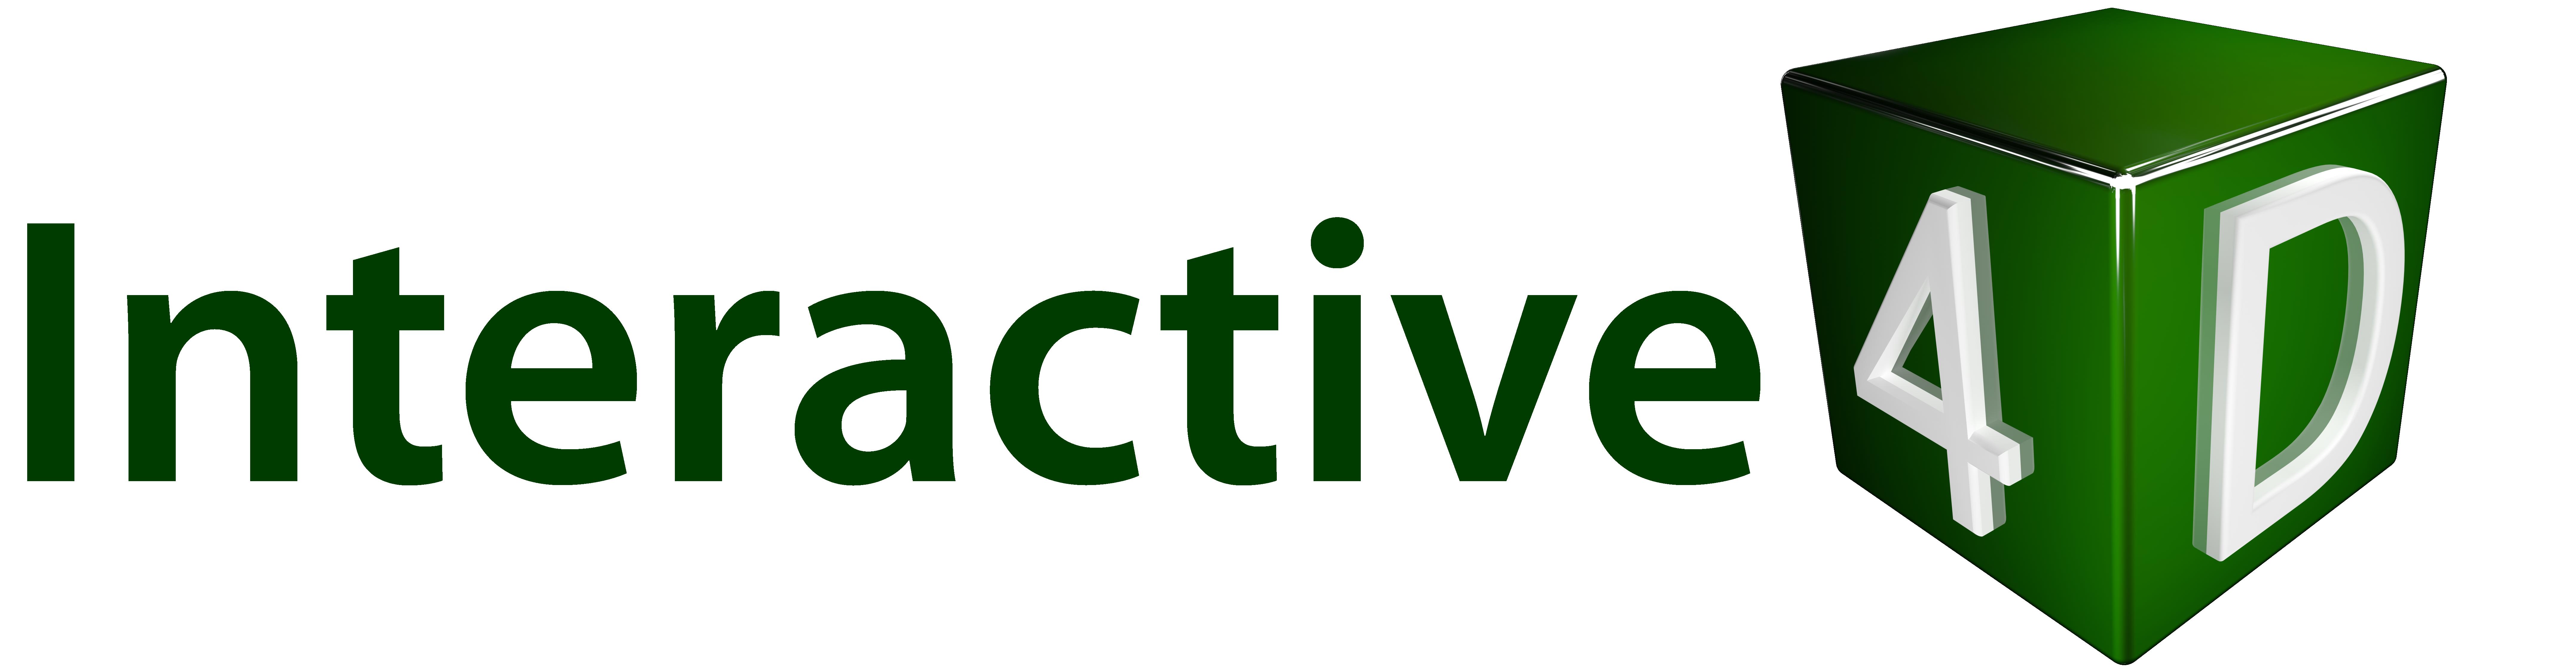 logo Interactive 4D